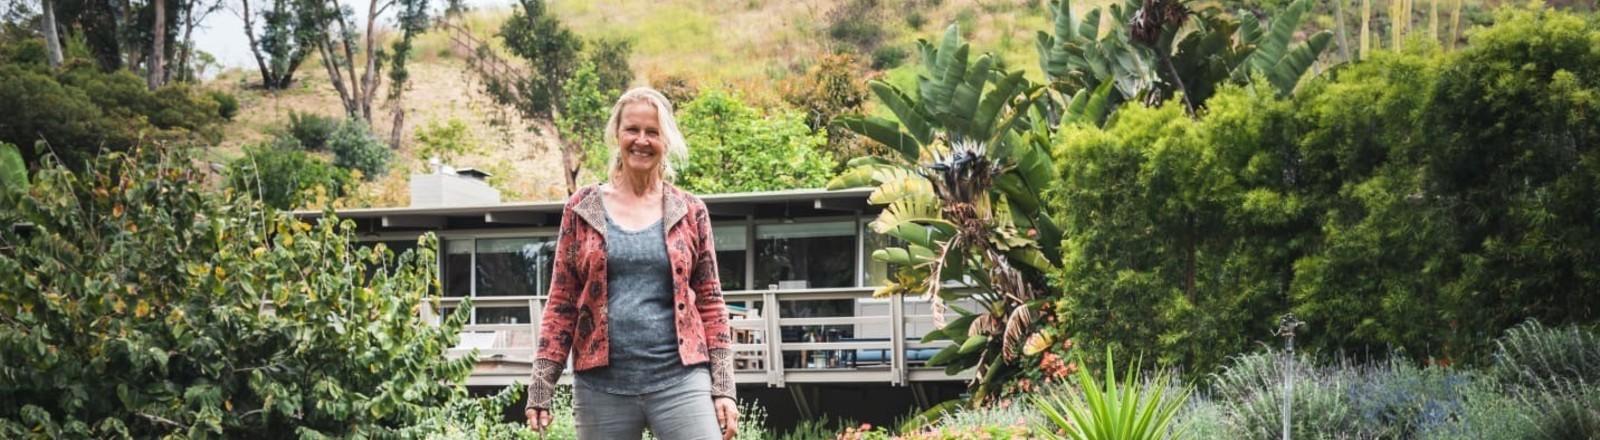 Cornelia Funke auf einer Avocadofarm in Kalifornien